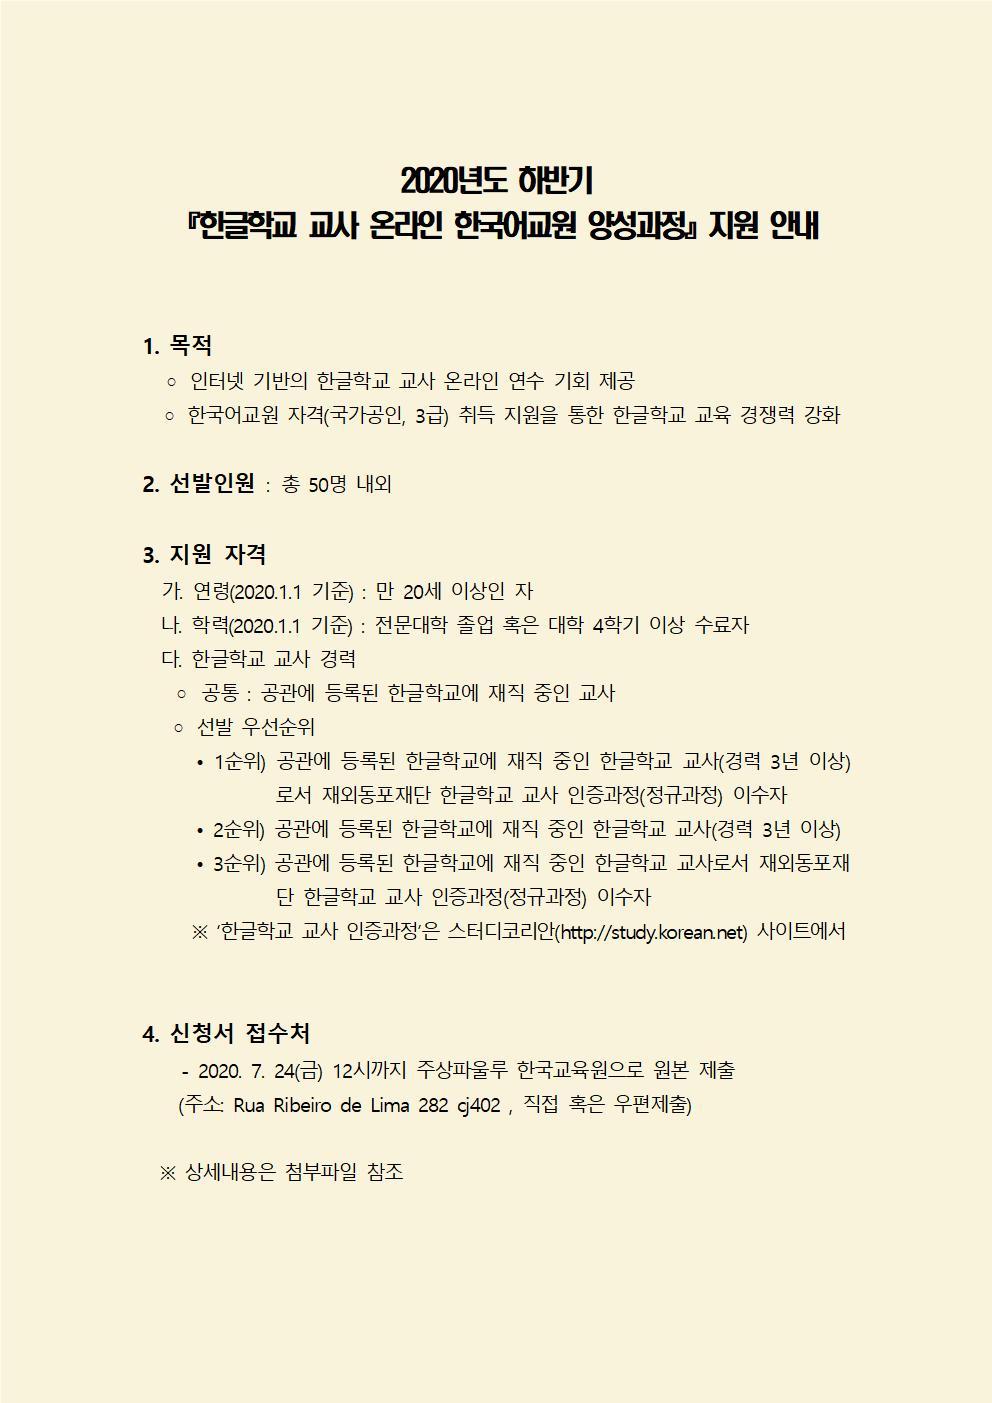 2020년도 하반기 『한글학교 교사 온라인 한국어교원 양성과정』지원 안내001.jpg